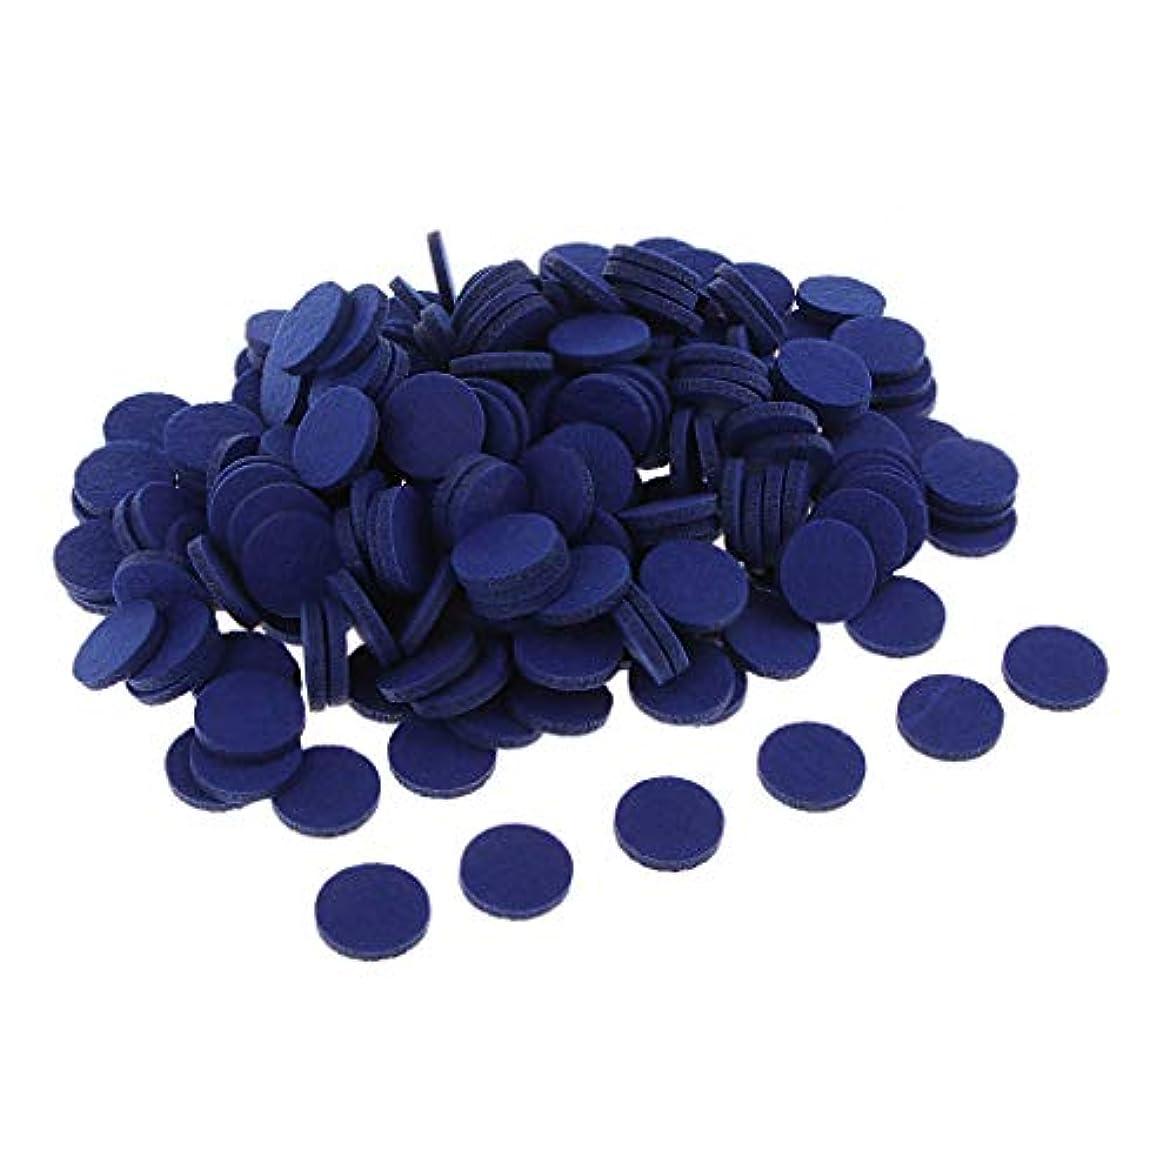 ディスカウントアピール非行アロマオイルパッド ディフューザー パッド アロマパッド 詰め替えパッド 交換用 全11色 - ロイヤルブルー